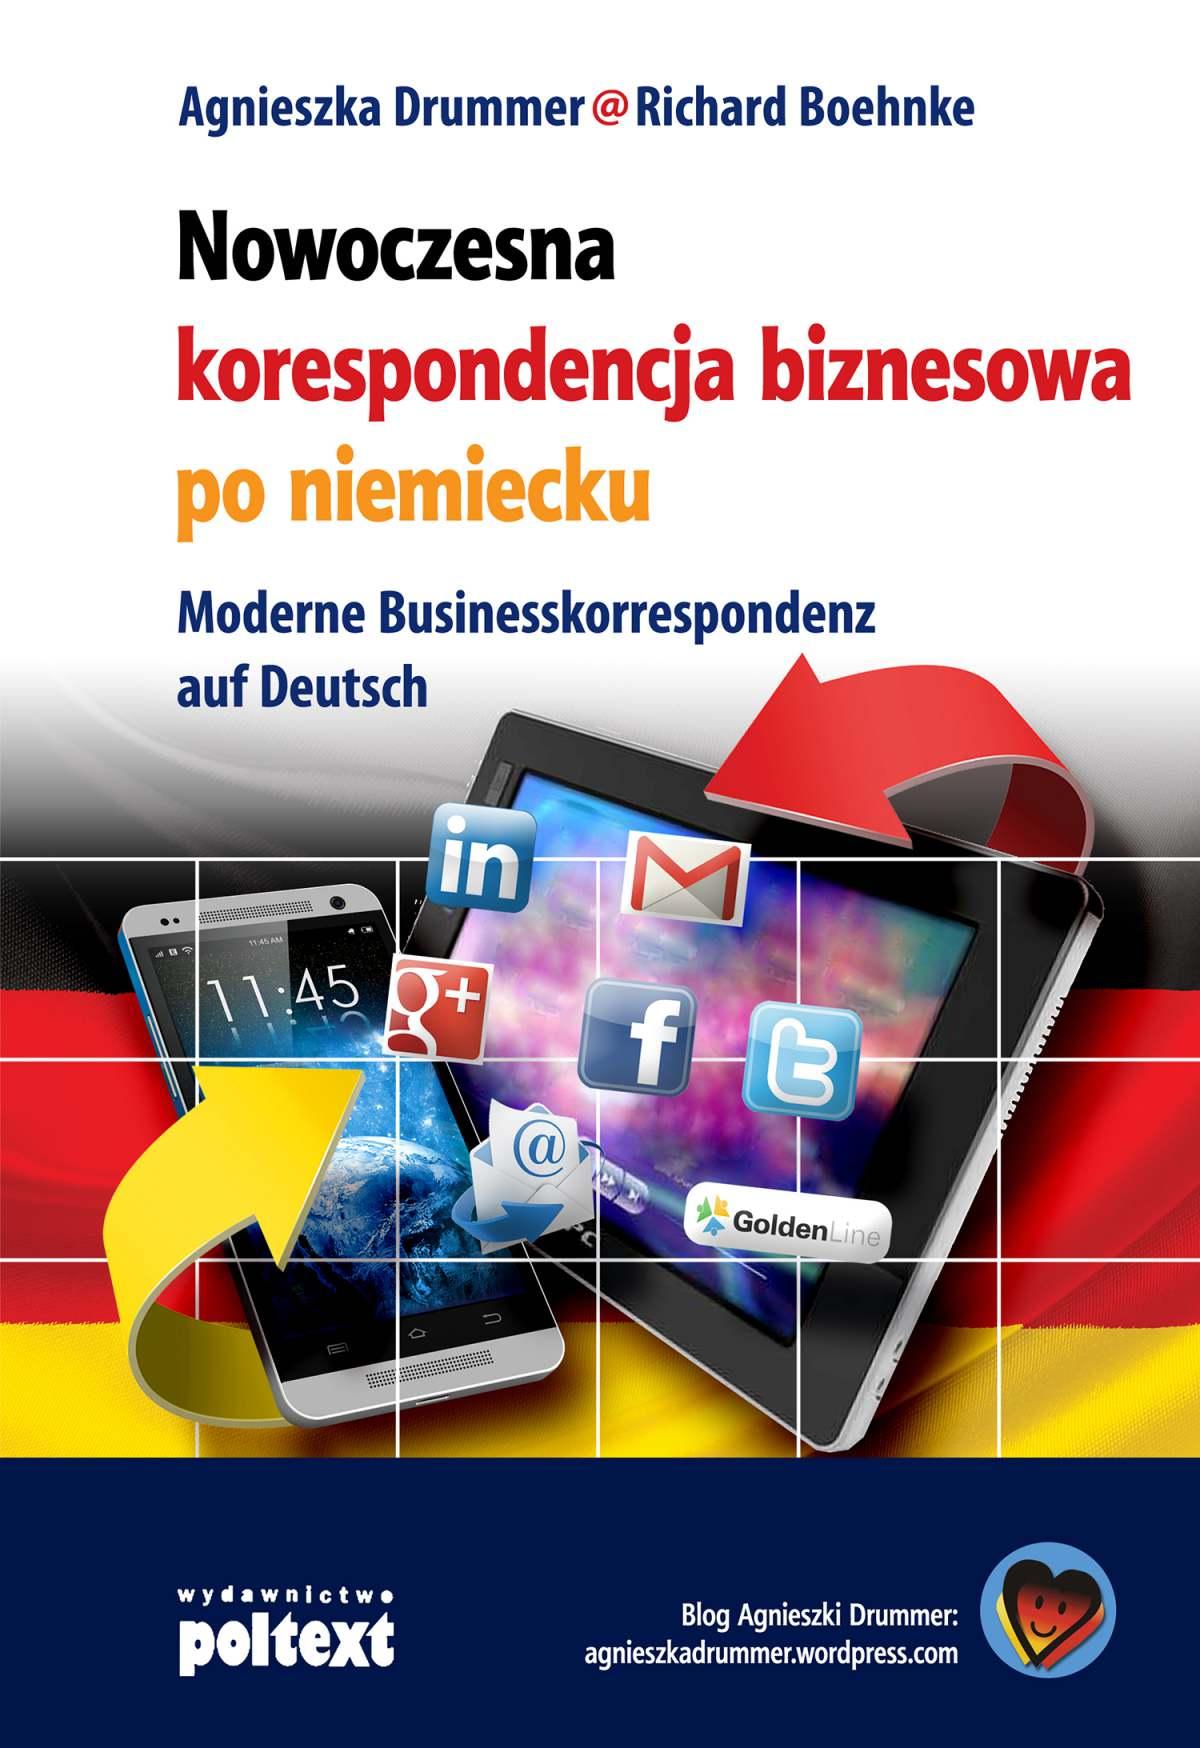 Nowoczesna korespondencja biznesowa po niemiecku - Ebook (Książka PDF) do pobrania w formacie PDF